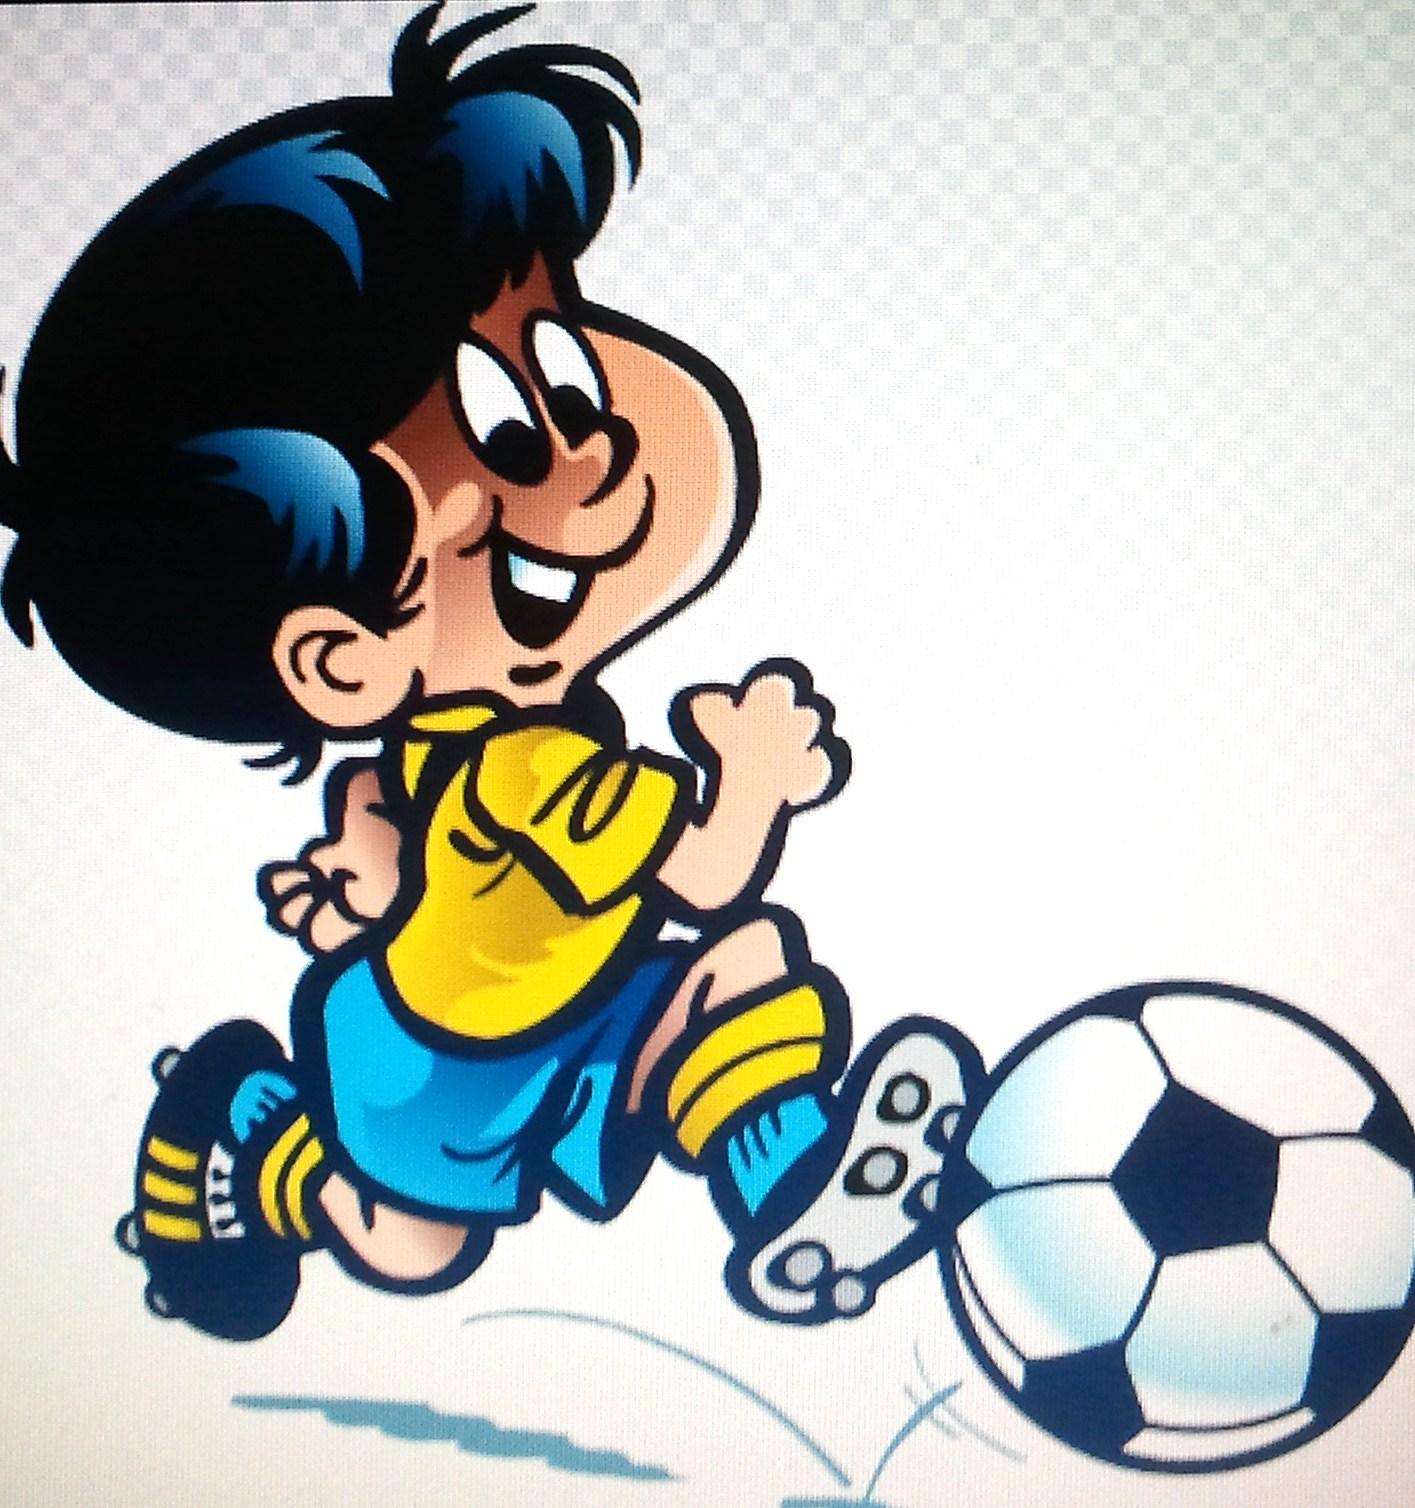 Картинки на тему физкультура и спорт для детей, для мужчины романтические